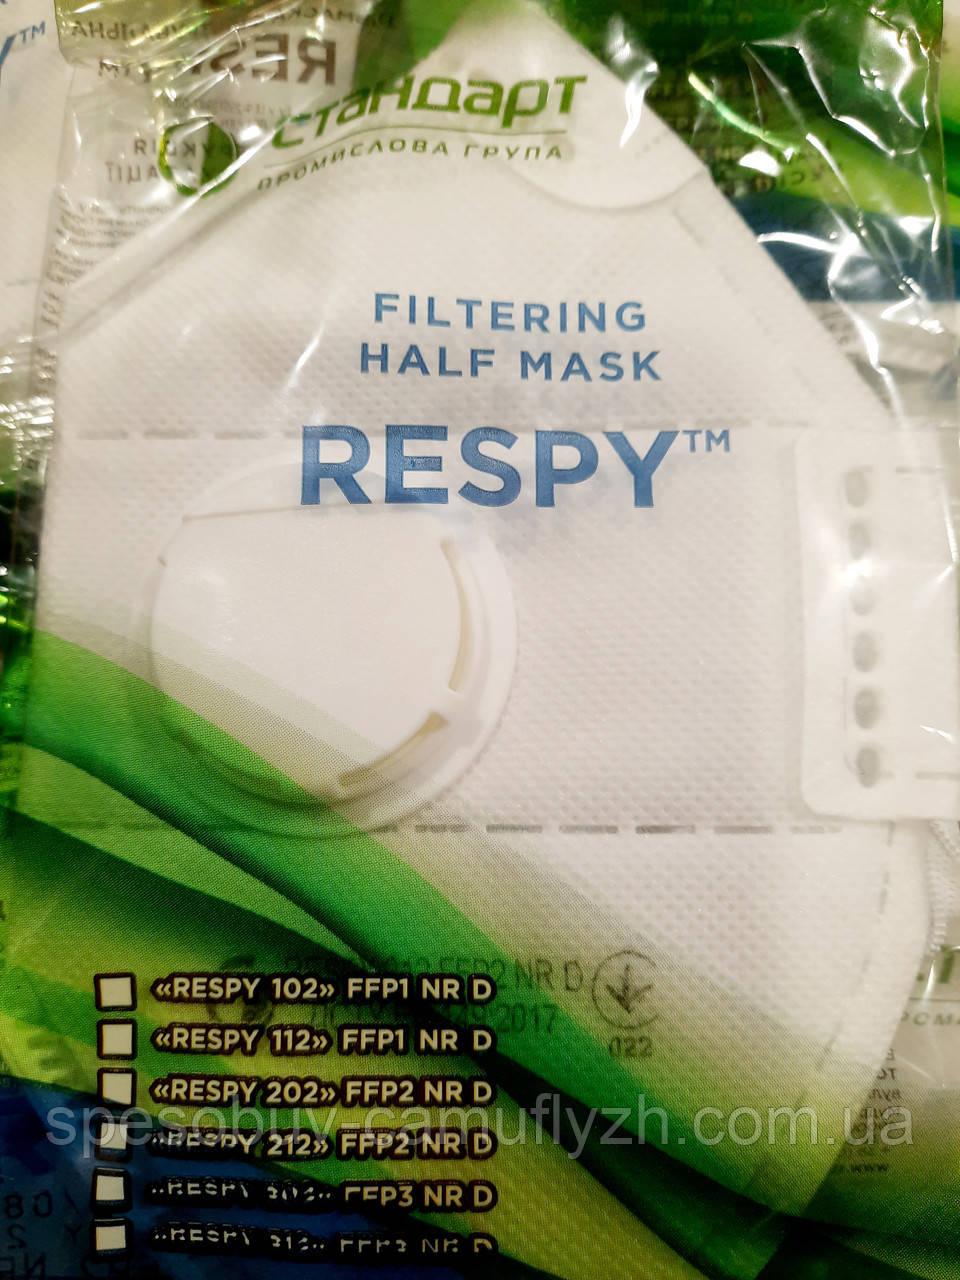 СТАНДАРТ Respy 212 FFP2 защитная маска Респиратор складной с клапаном